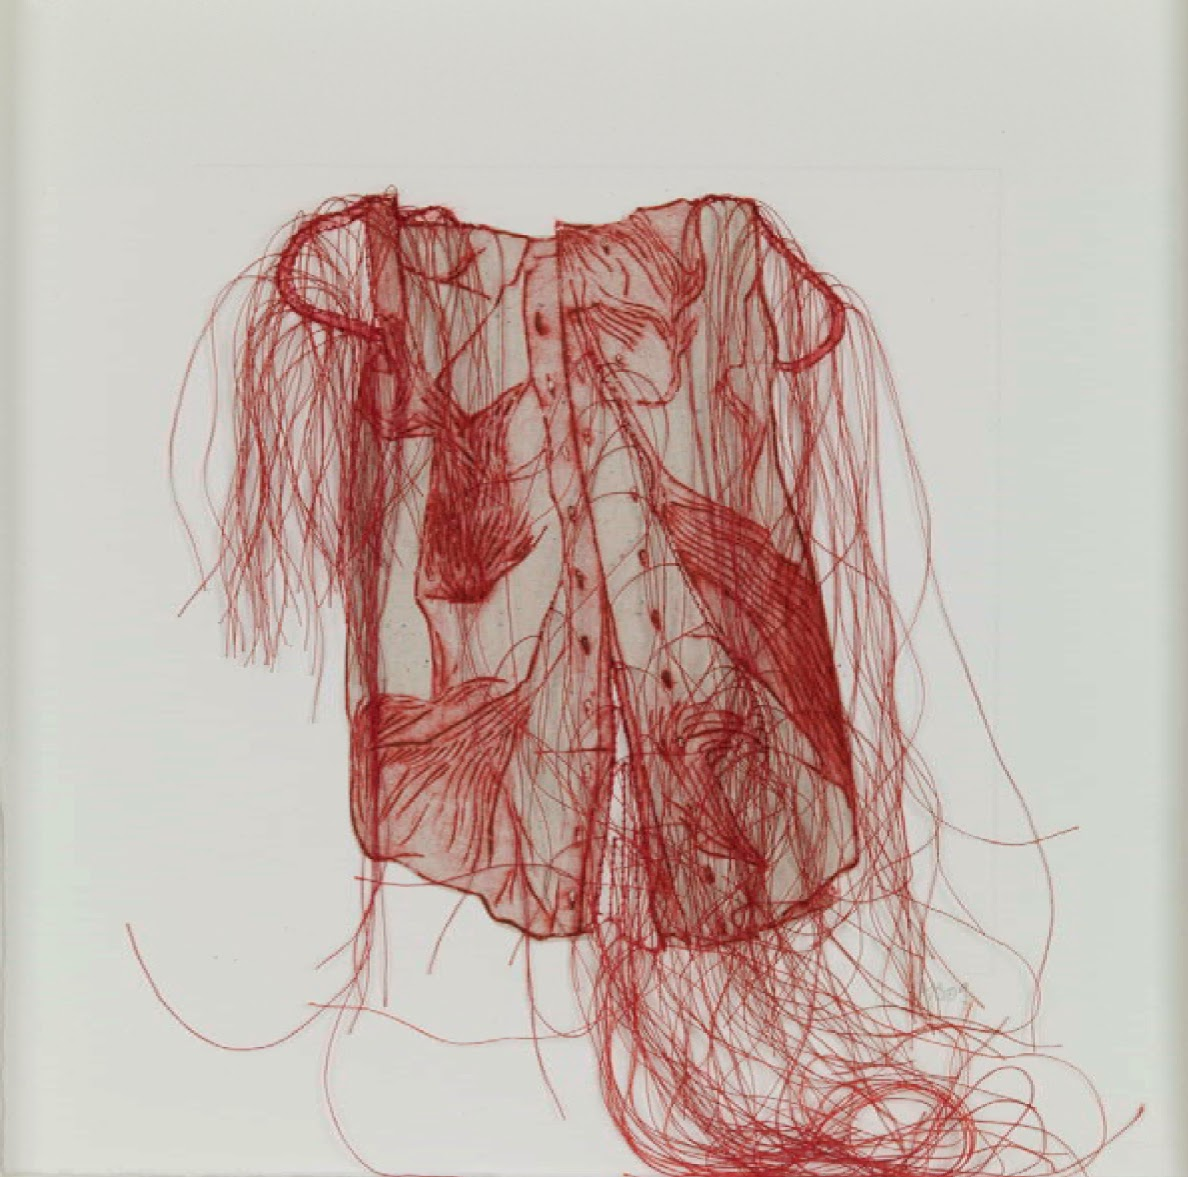 arami 2018 - Muriel Baumgartner